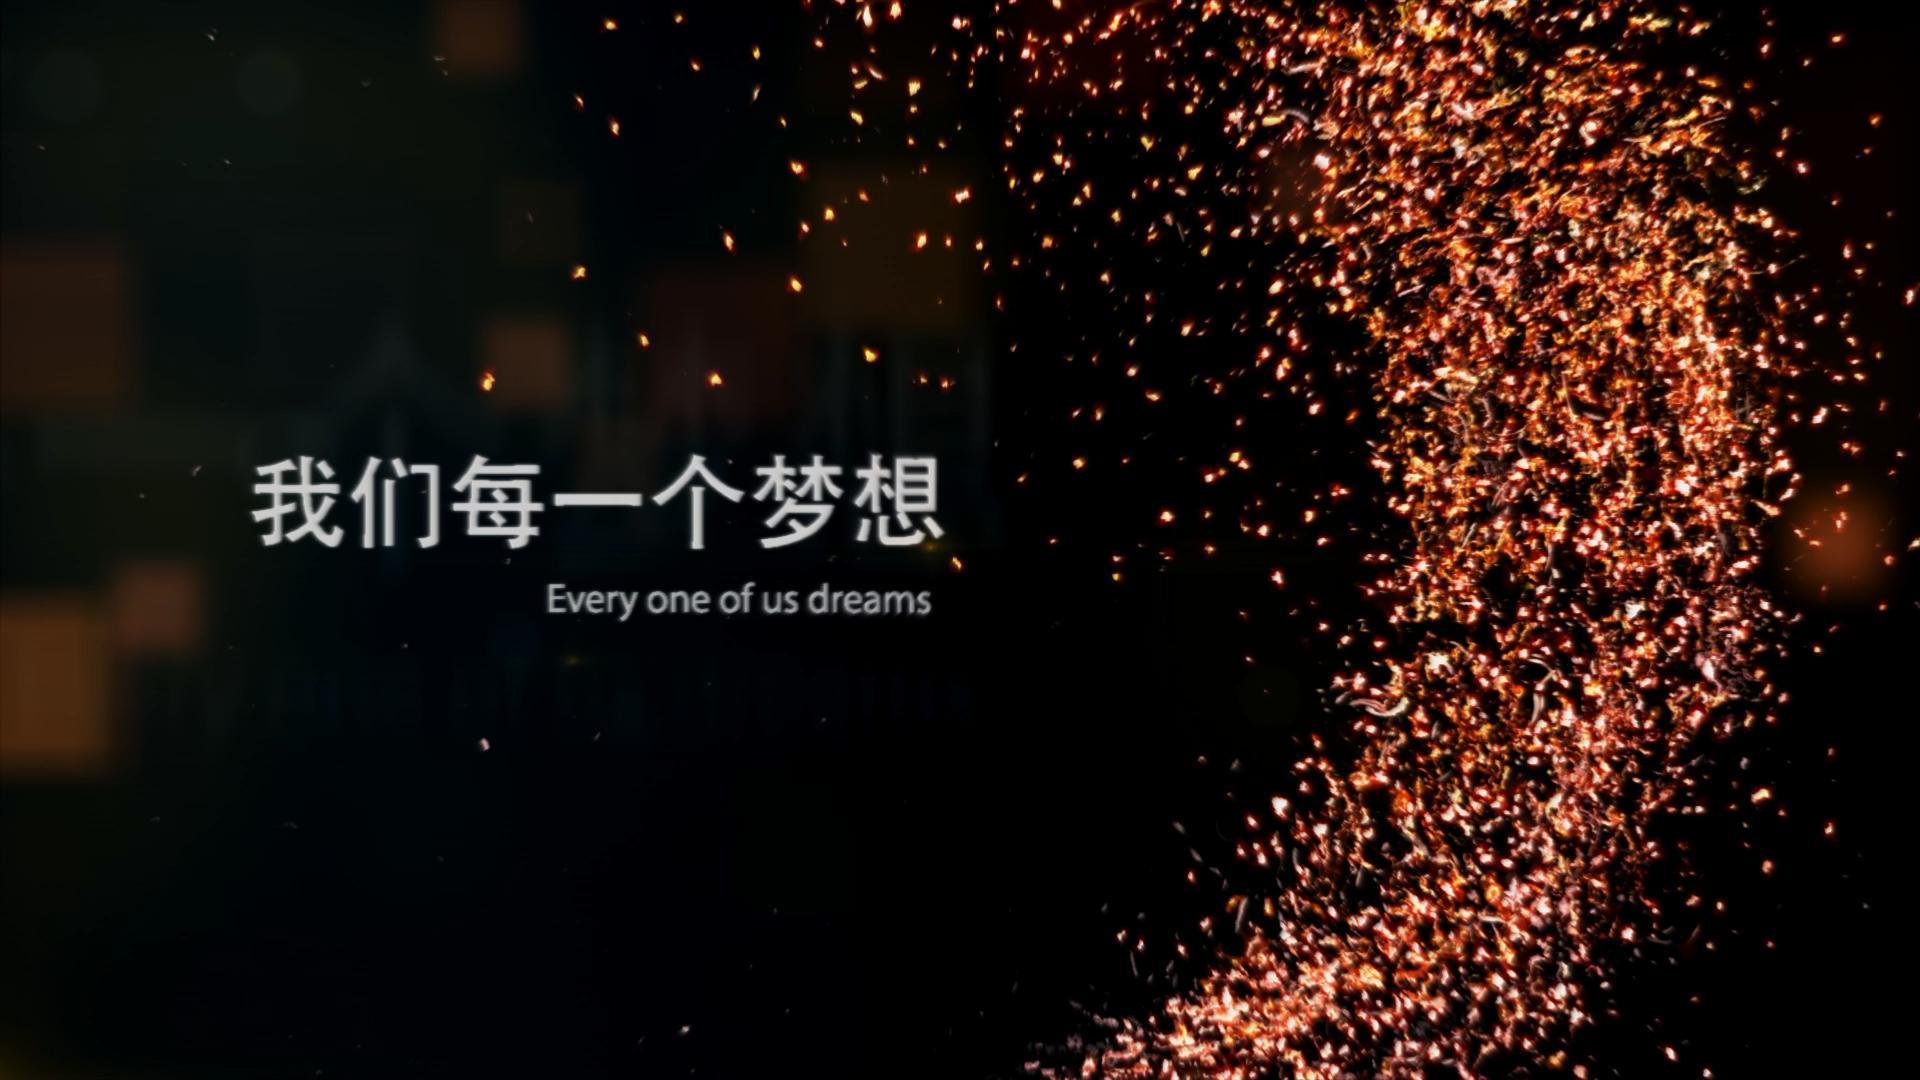 唯美光效粒子企业宣传年会开场背景素材